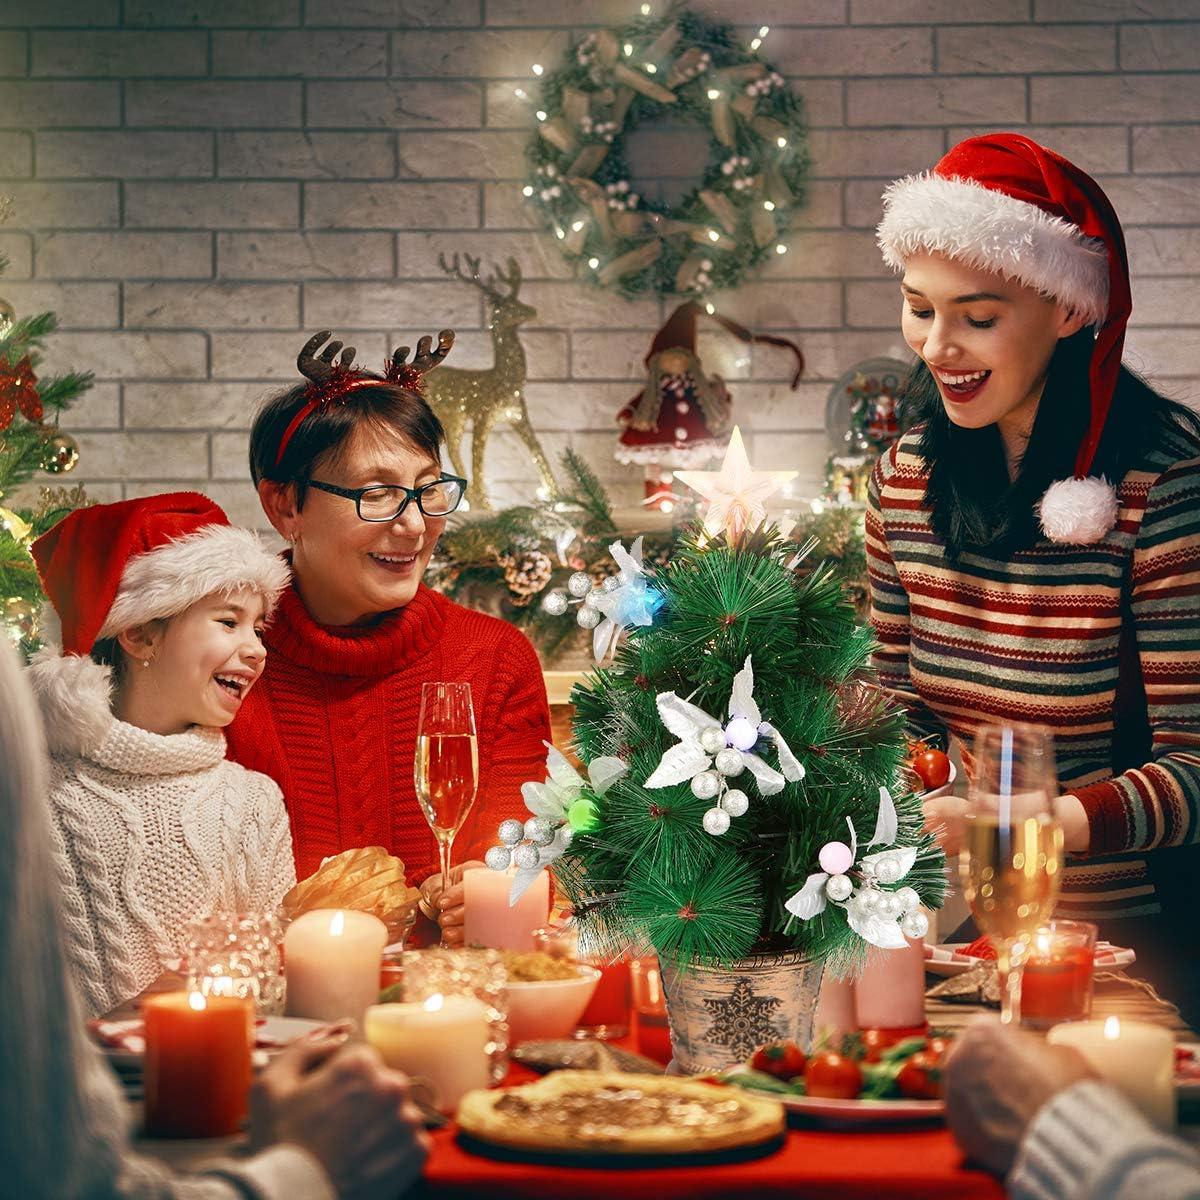 Tabletop Christmas Tree, Mini Artificial Christmas Tree with Lights Fiber Optic Tree for Christmas Decor